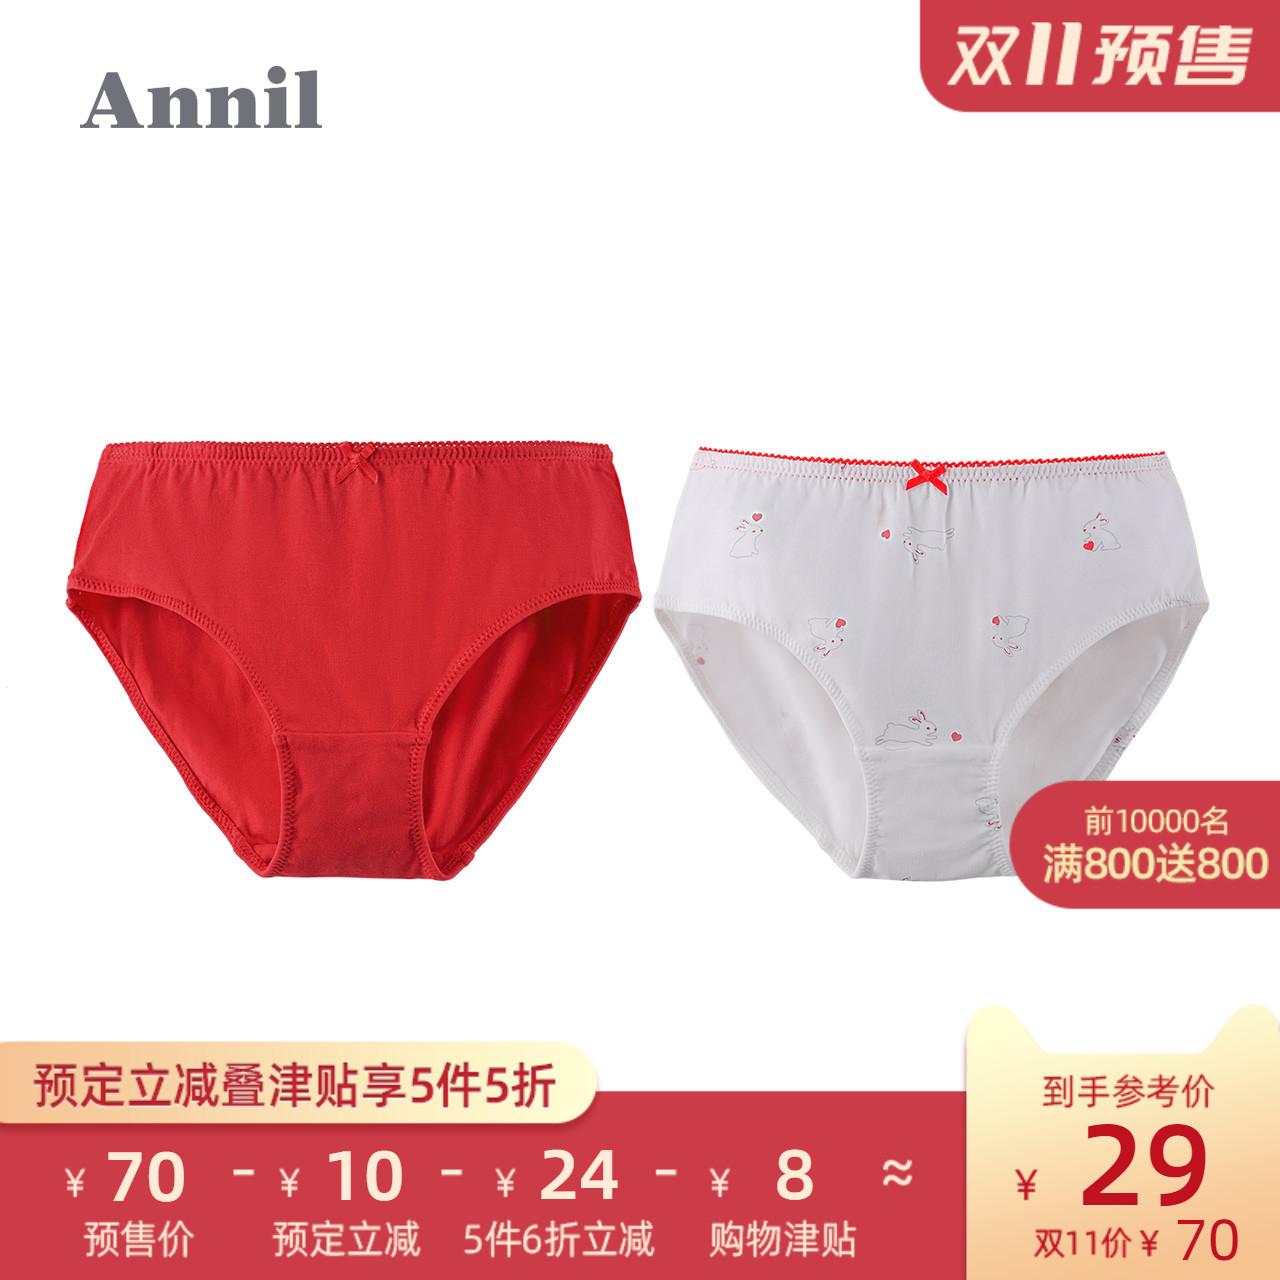 【】安奈儿童装女童内裤2019新款底裤三角底裤两件套装 thumbnail